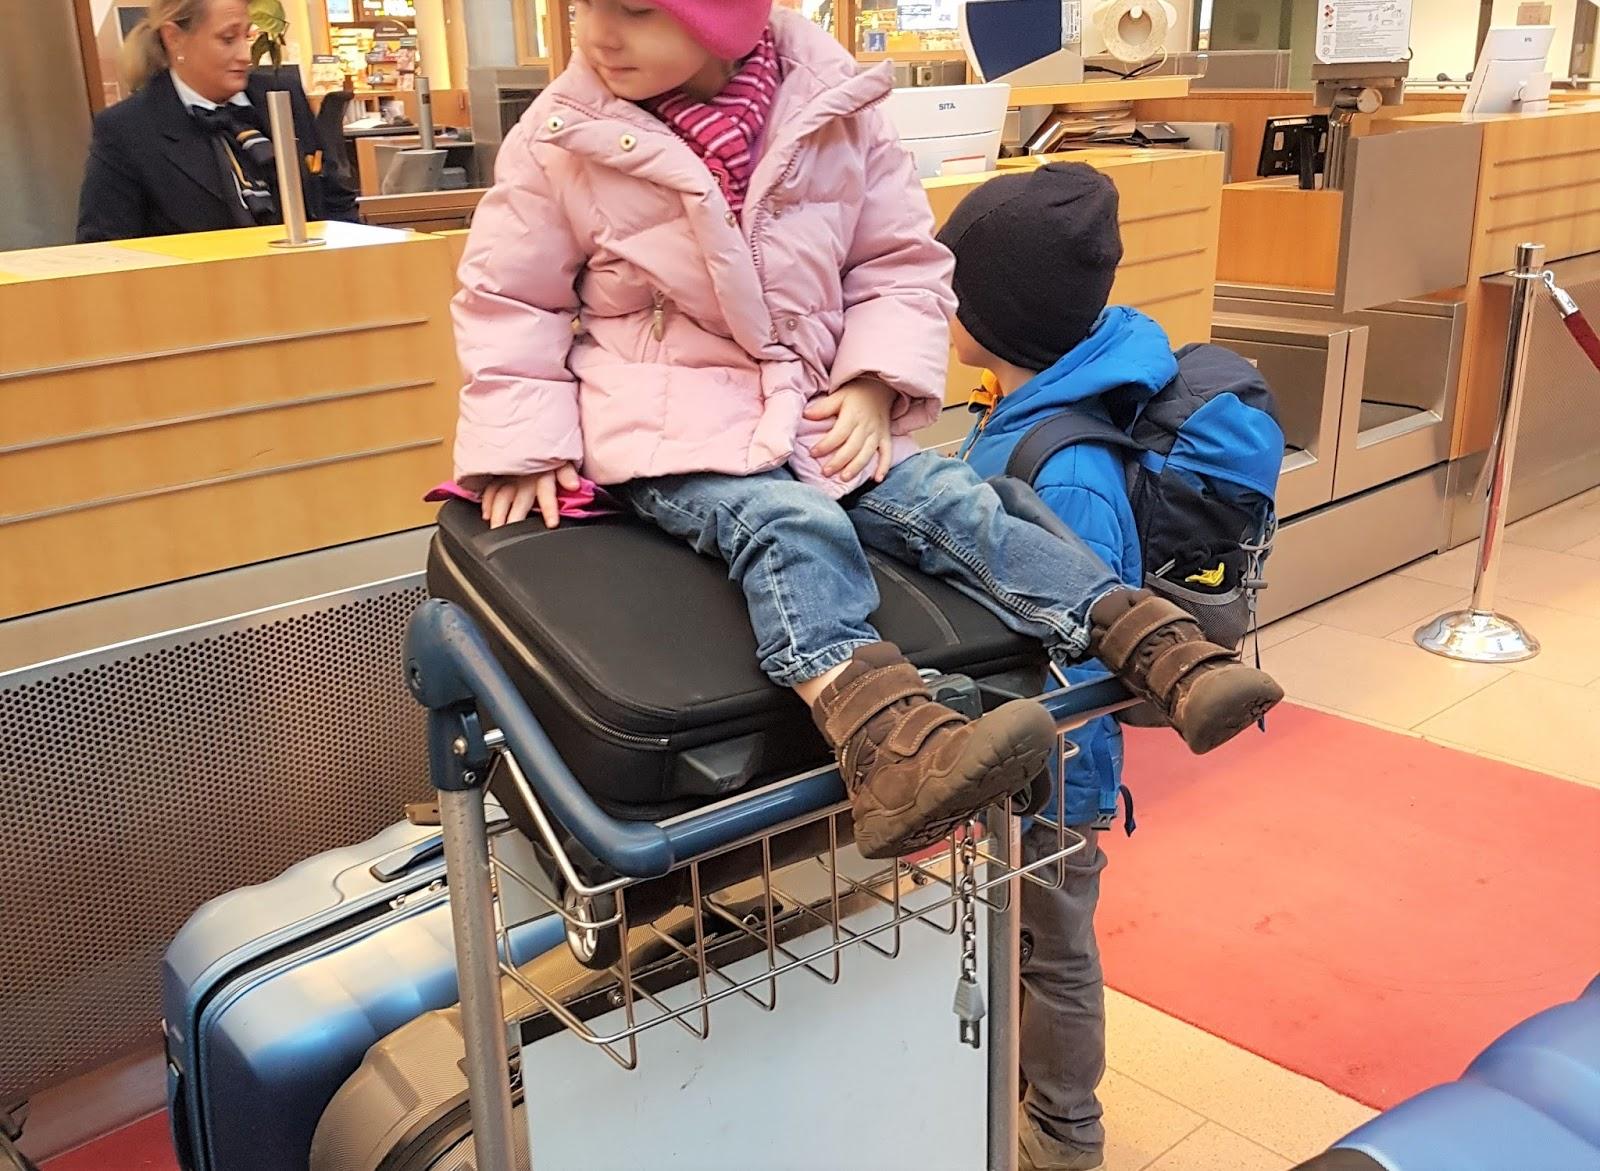 Flughafen-mit-Kindern